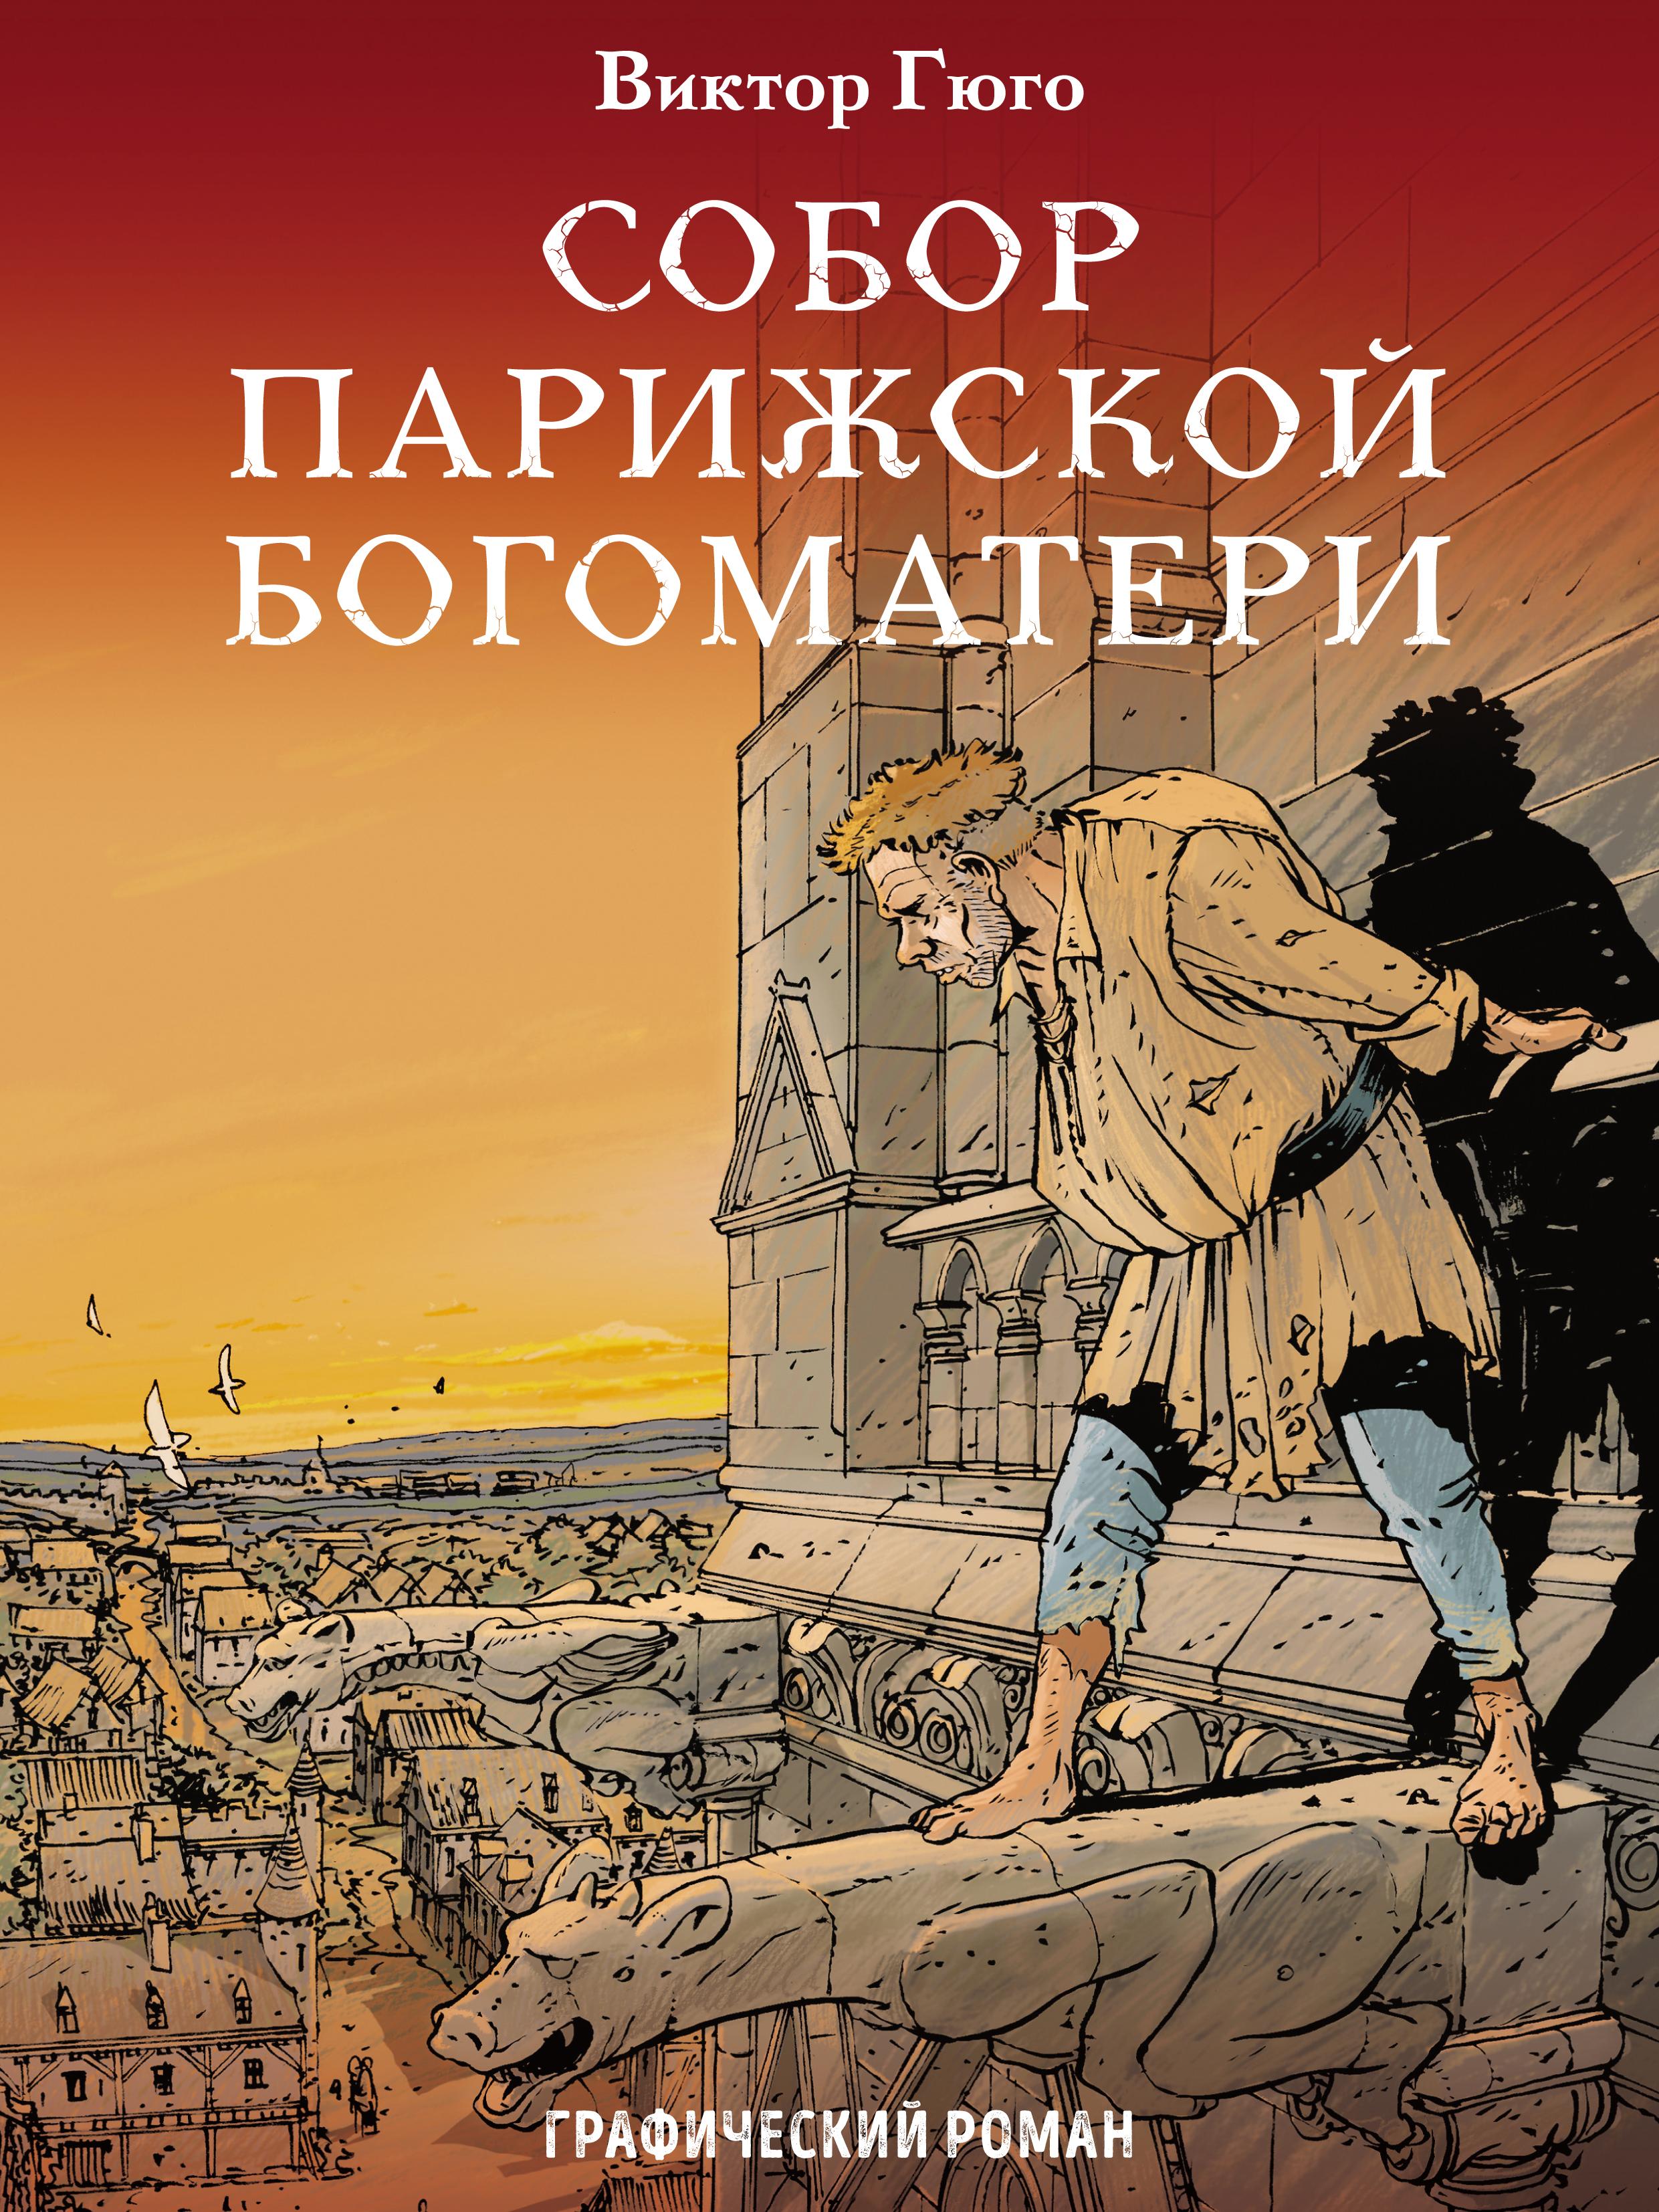 Виктор Мари Гюго Собор Парижской Богоматери. Графический роман